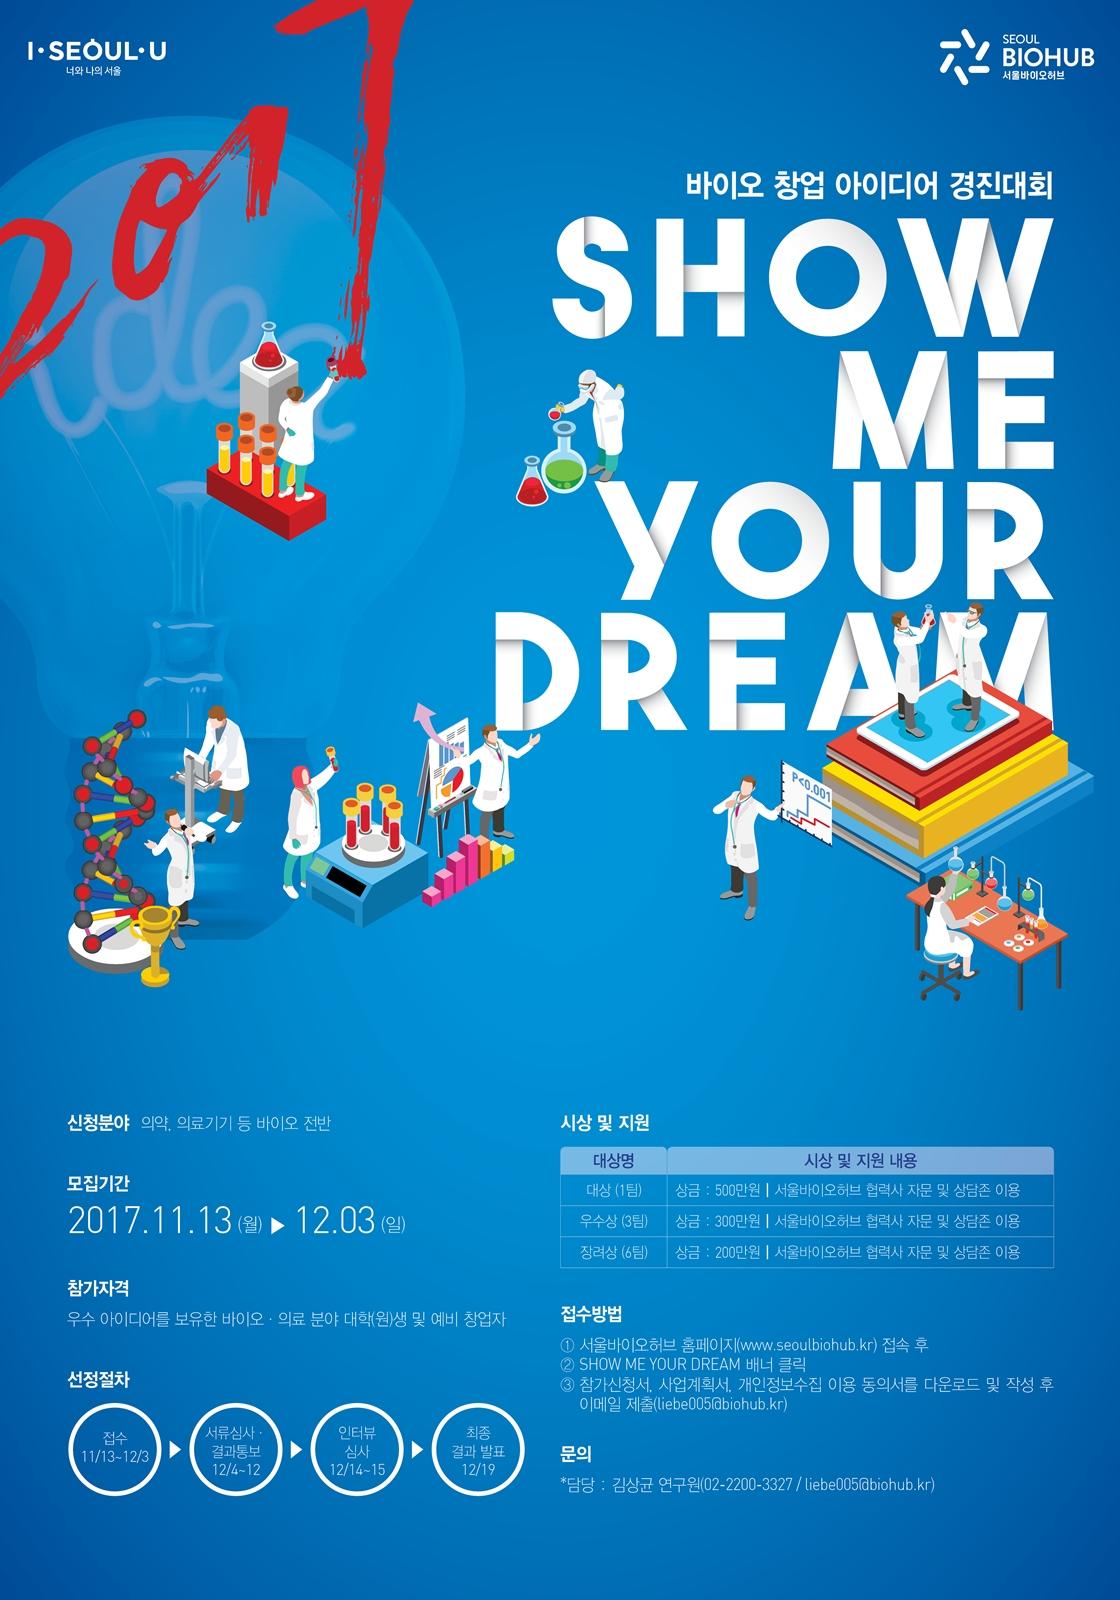 서울바이오허브 Show Me Your Dream